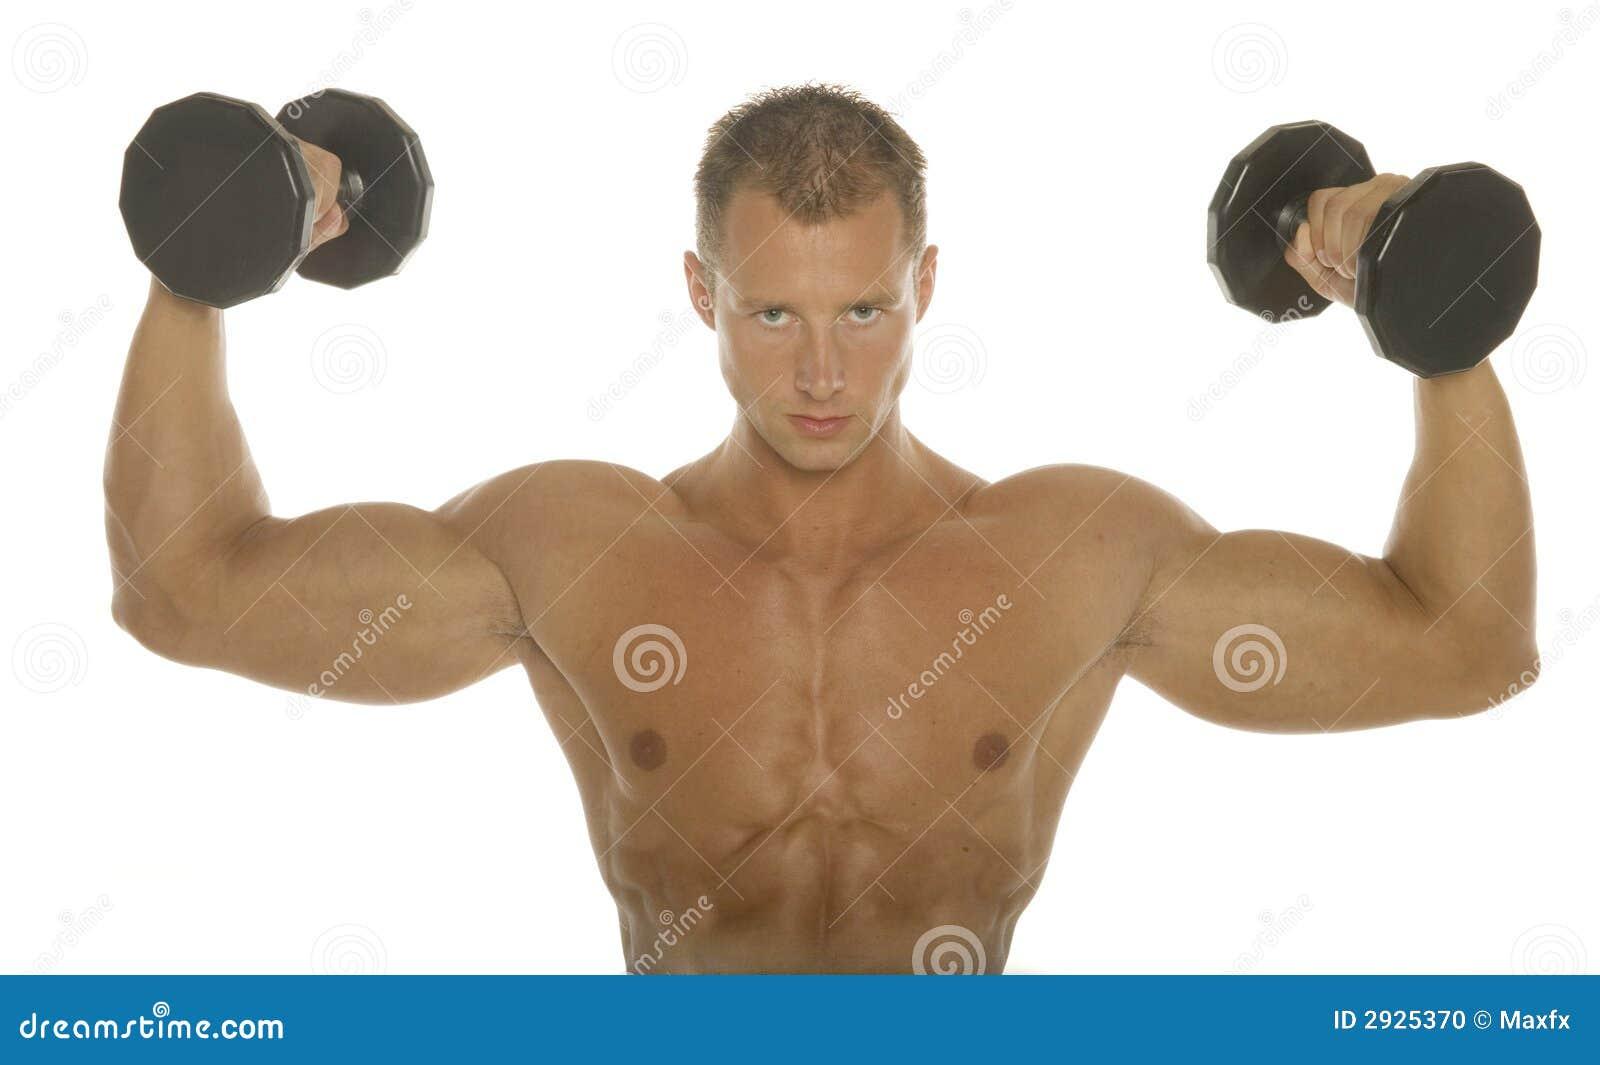 Exercício do braço do construtor de corpo